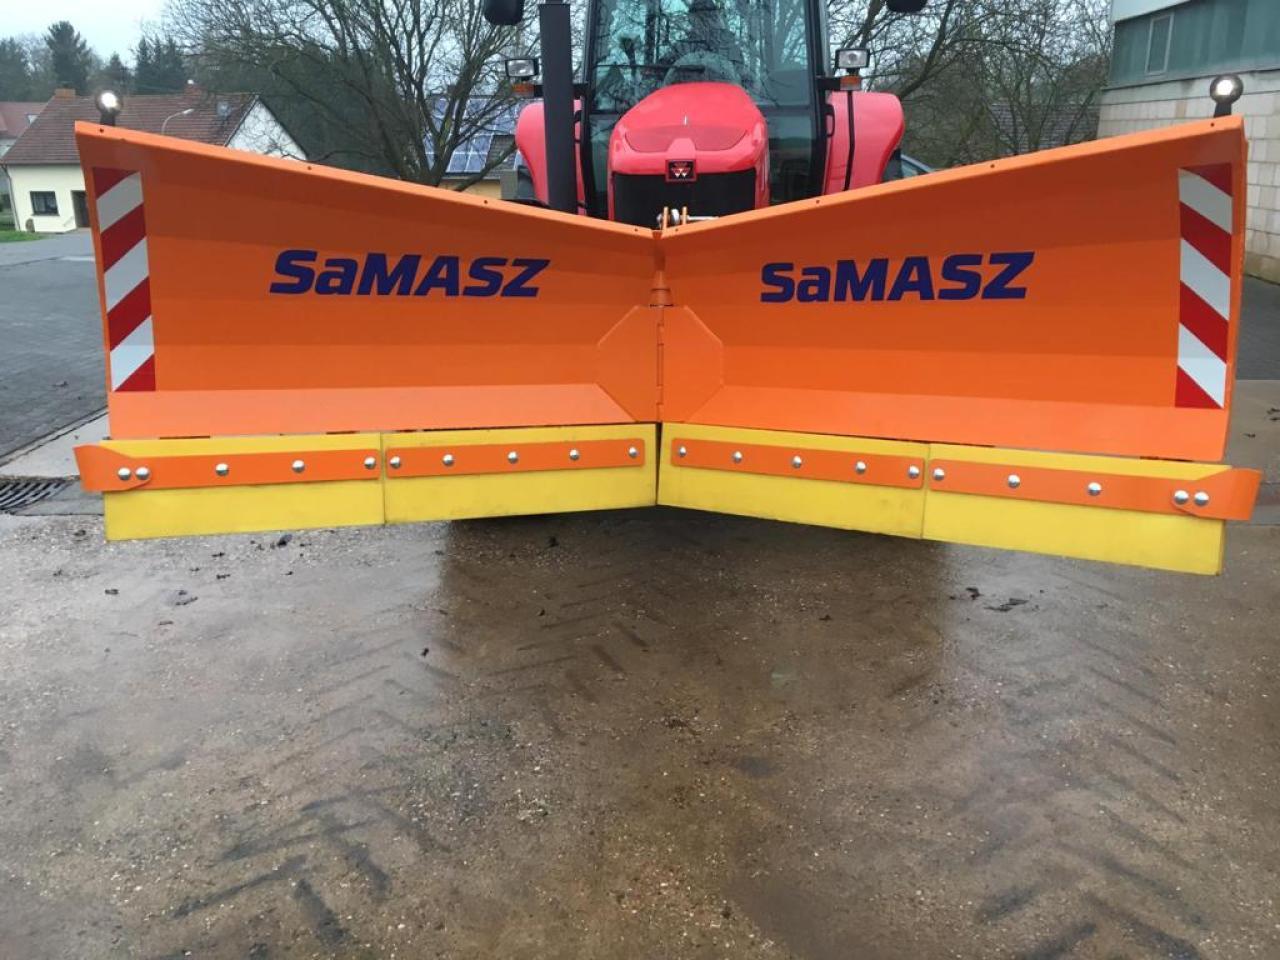 SaMASZ Samasz PSV 301